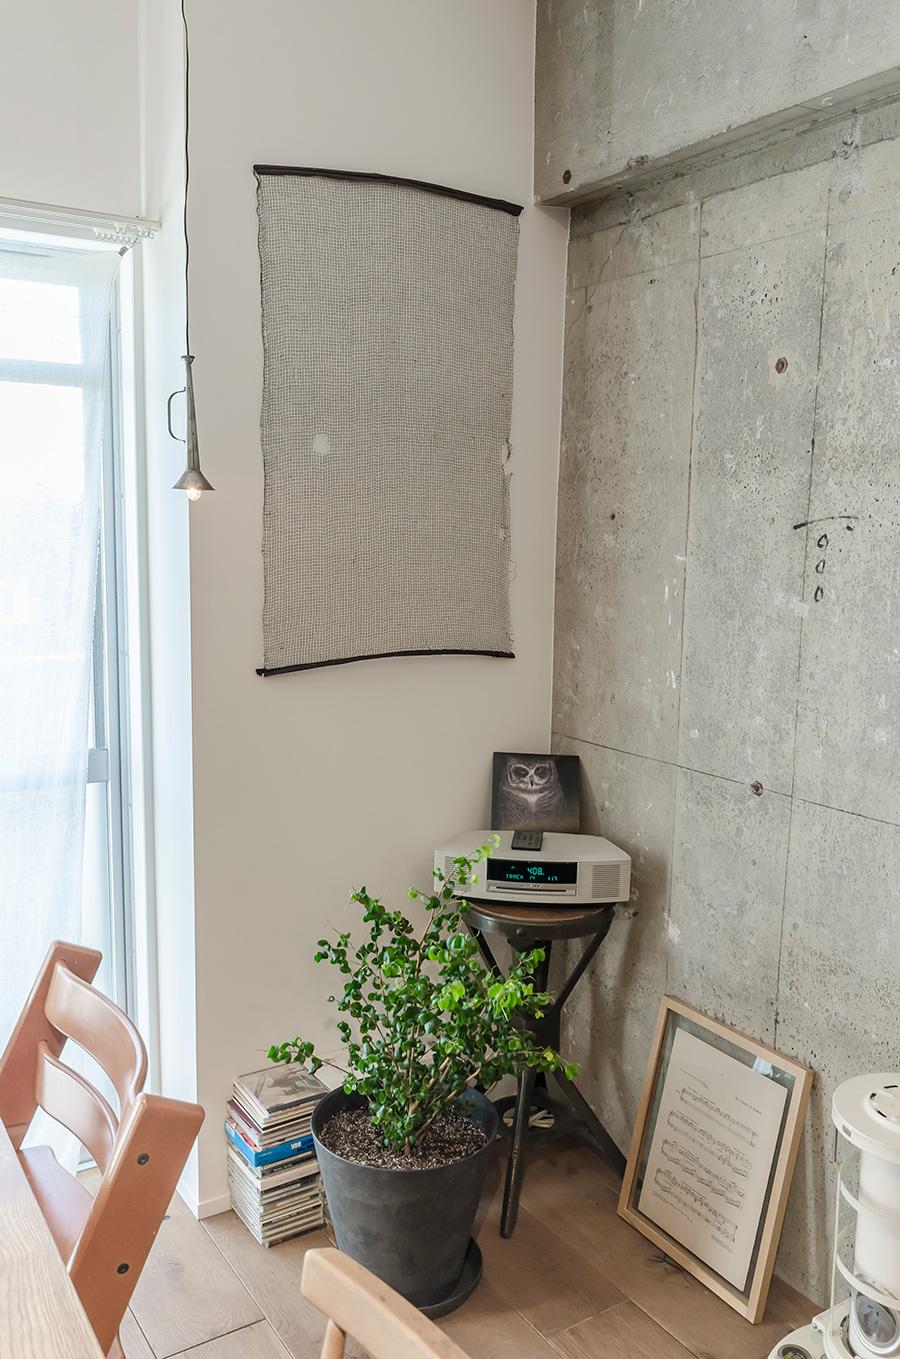 壁掛けにしているのは、養蚕に使う蚕網。